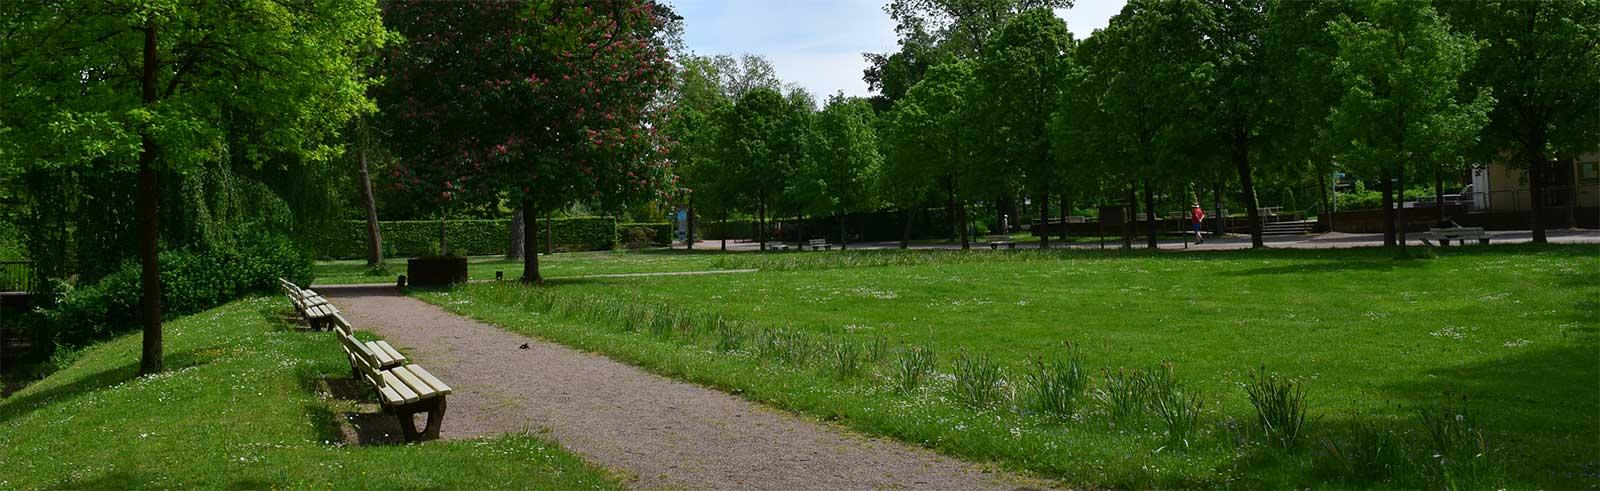 Kurpark Bad Meinberg